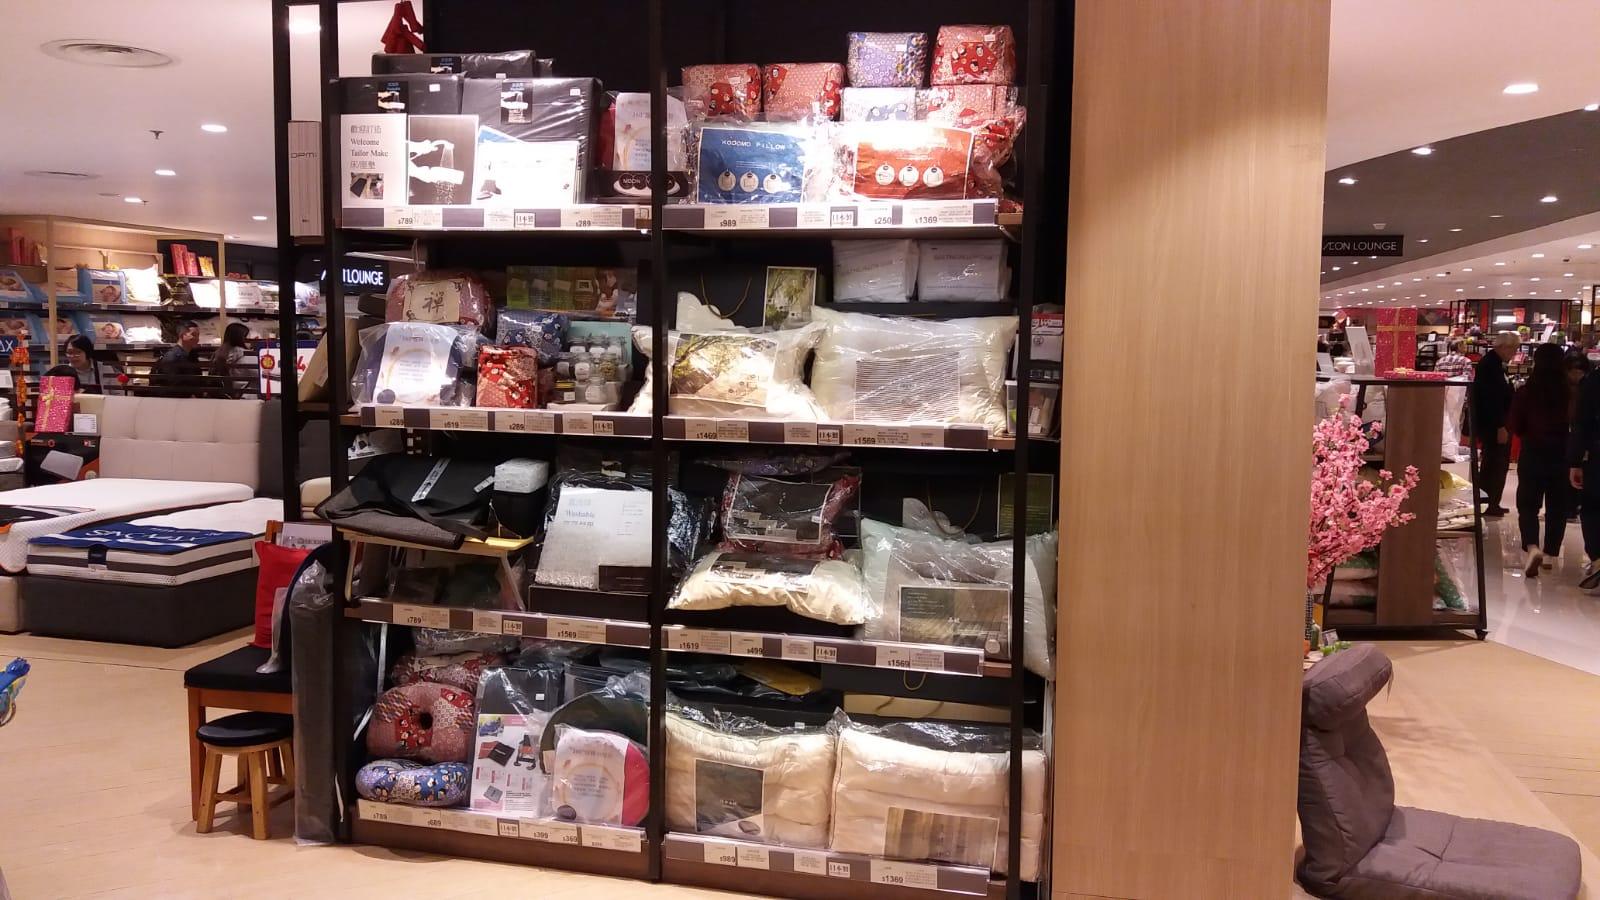 日本製Moon Viella枕頭系列,在香港Aeon Style百貨康怡店、裕華國貨等設有專櫃。